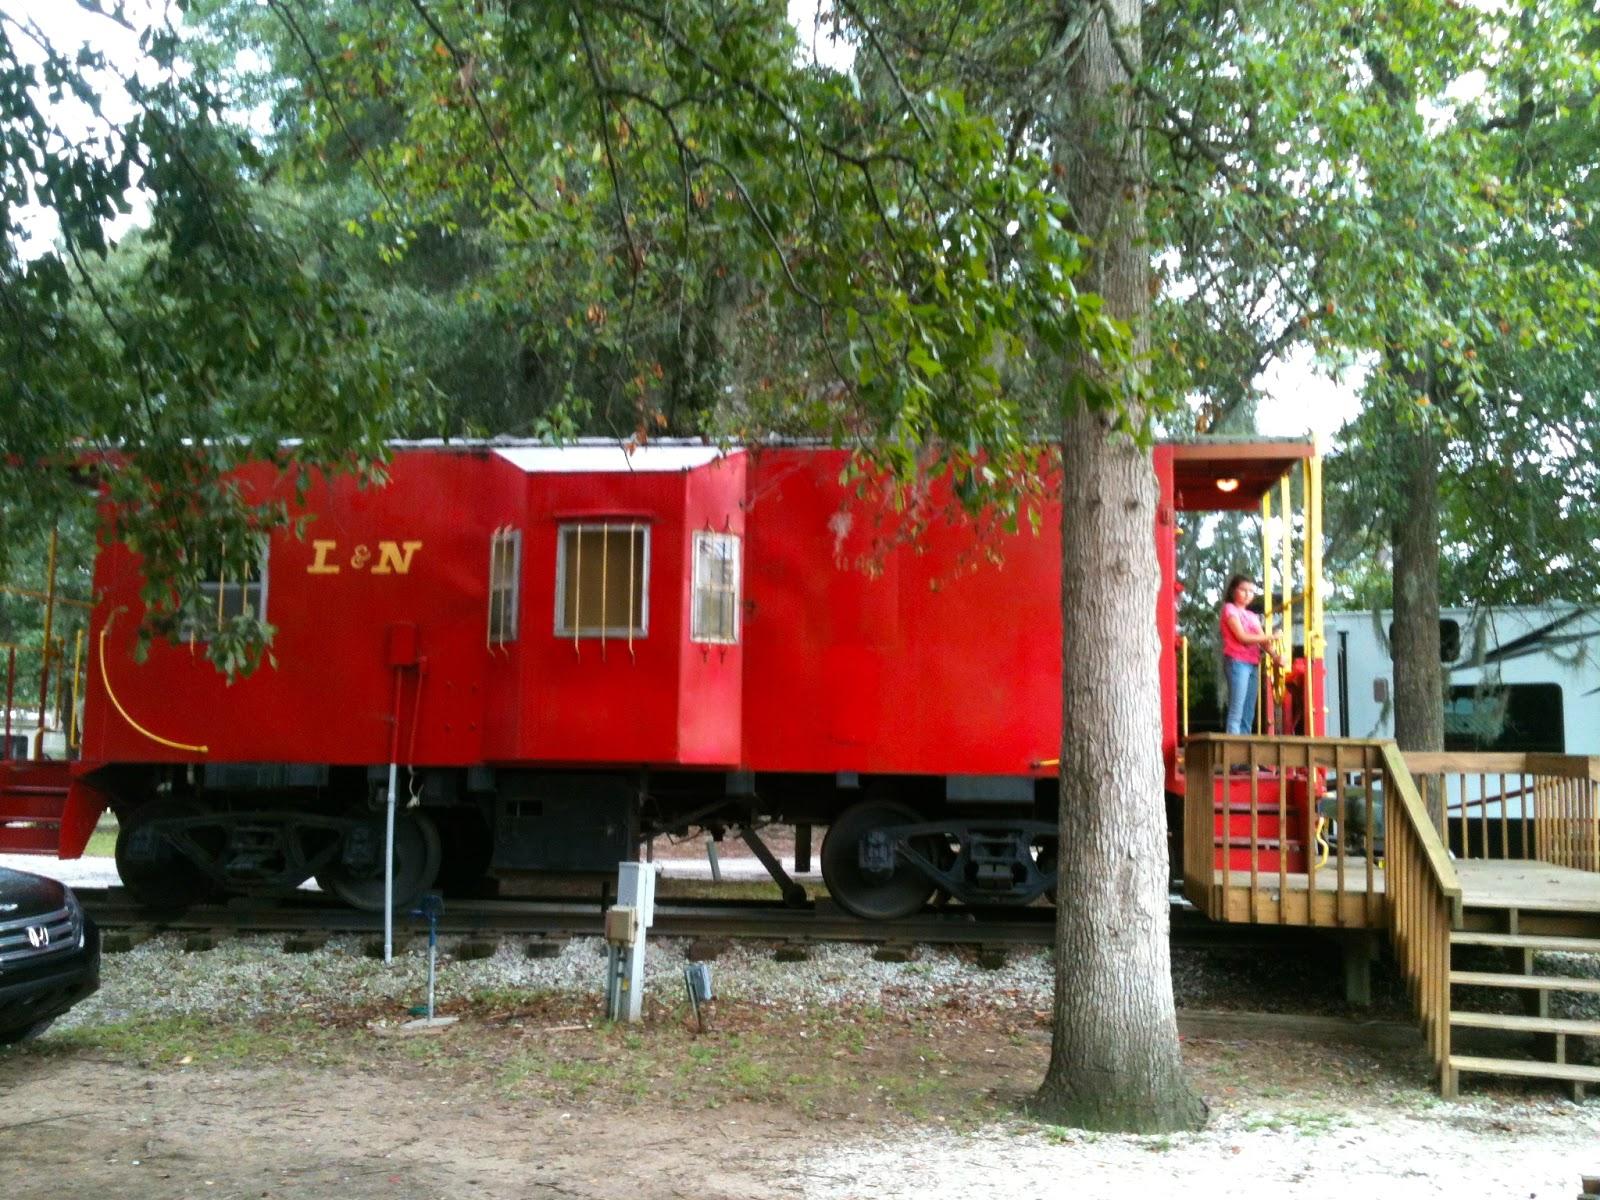 Caboose Camping at the Mt. Pleasant (Charleston) SC - KOA